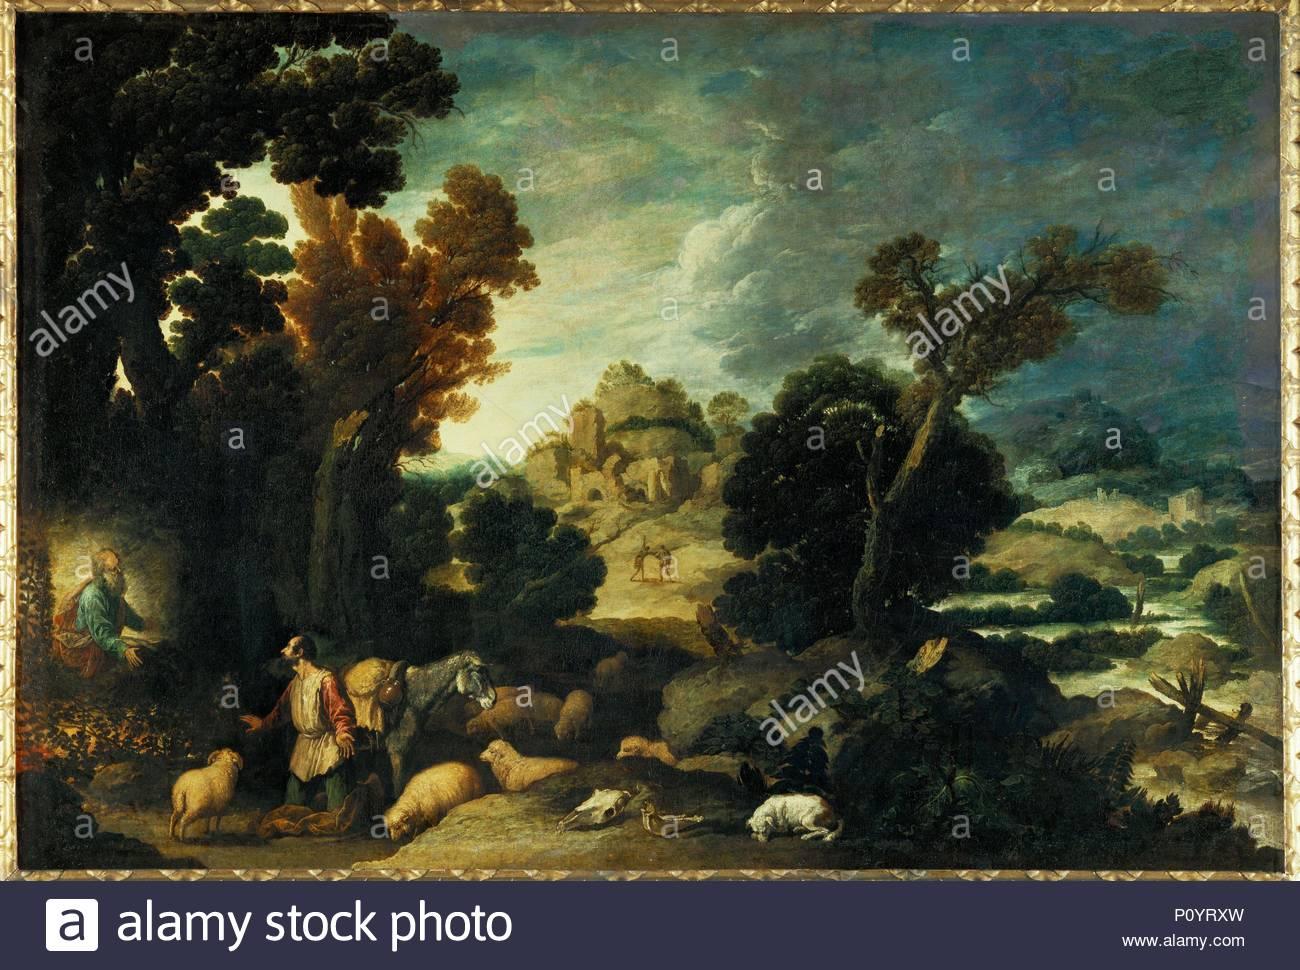 Le buisson ardent-Moses and the Burning Bush. Canvas, 116 x 163 cm INV.924. Author: Francisco Collantes (1599-1656). Location: Louvre, Dpt. des Peintures, Paris, France. - Stock Image